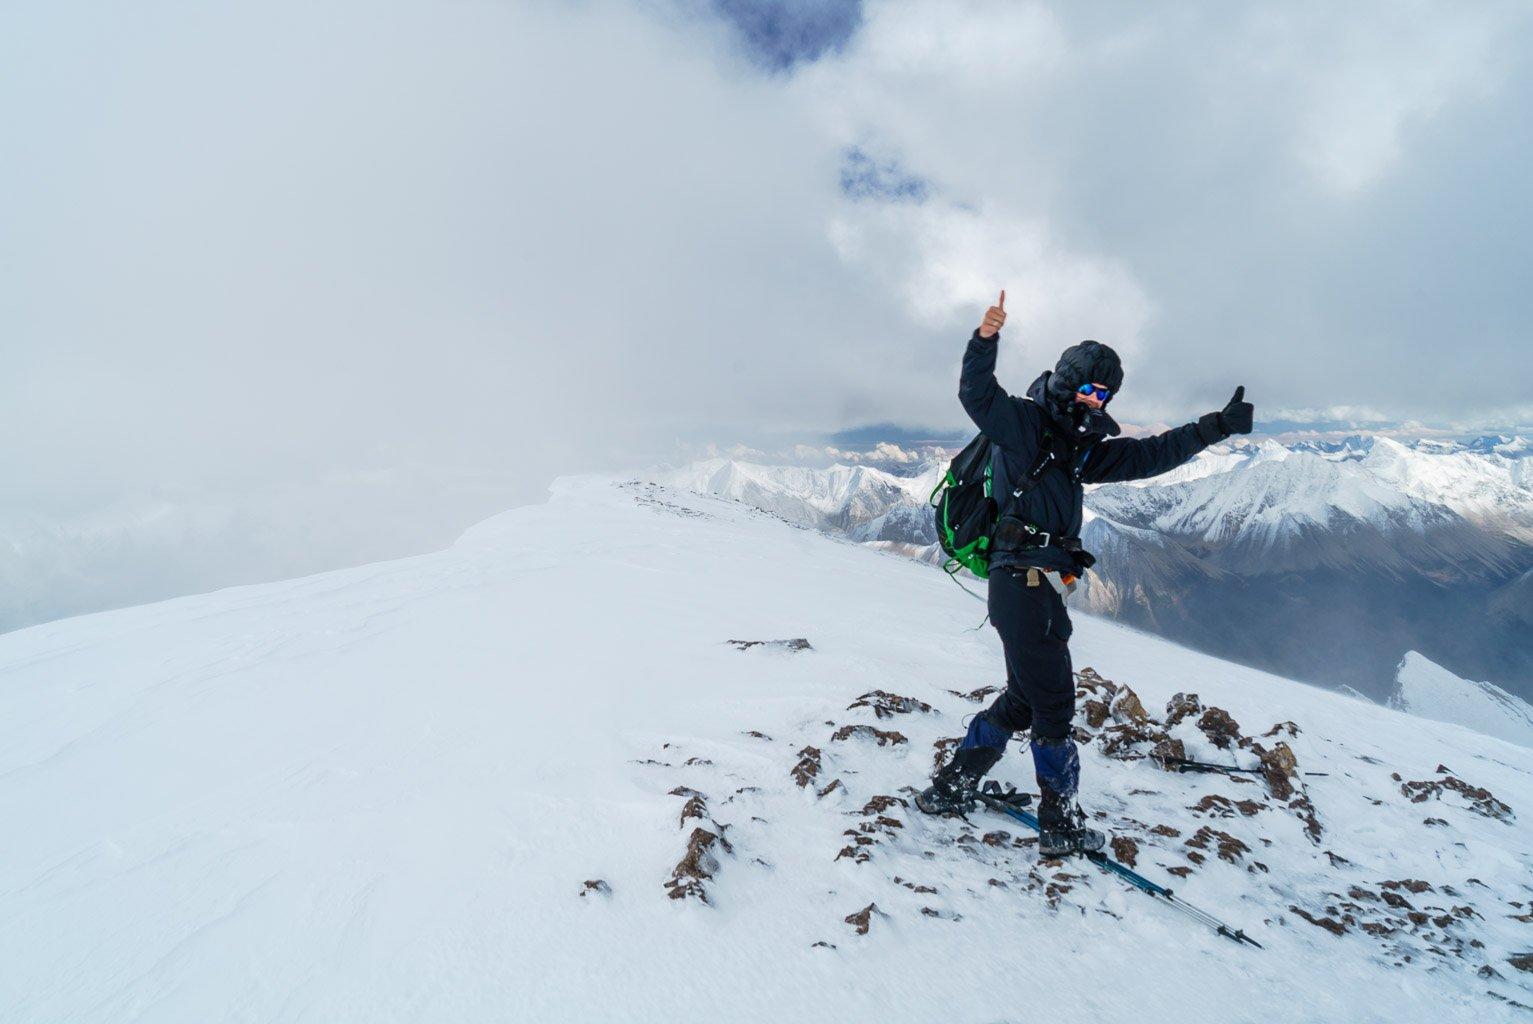 Phil on the summit of Mount Drummond.